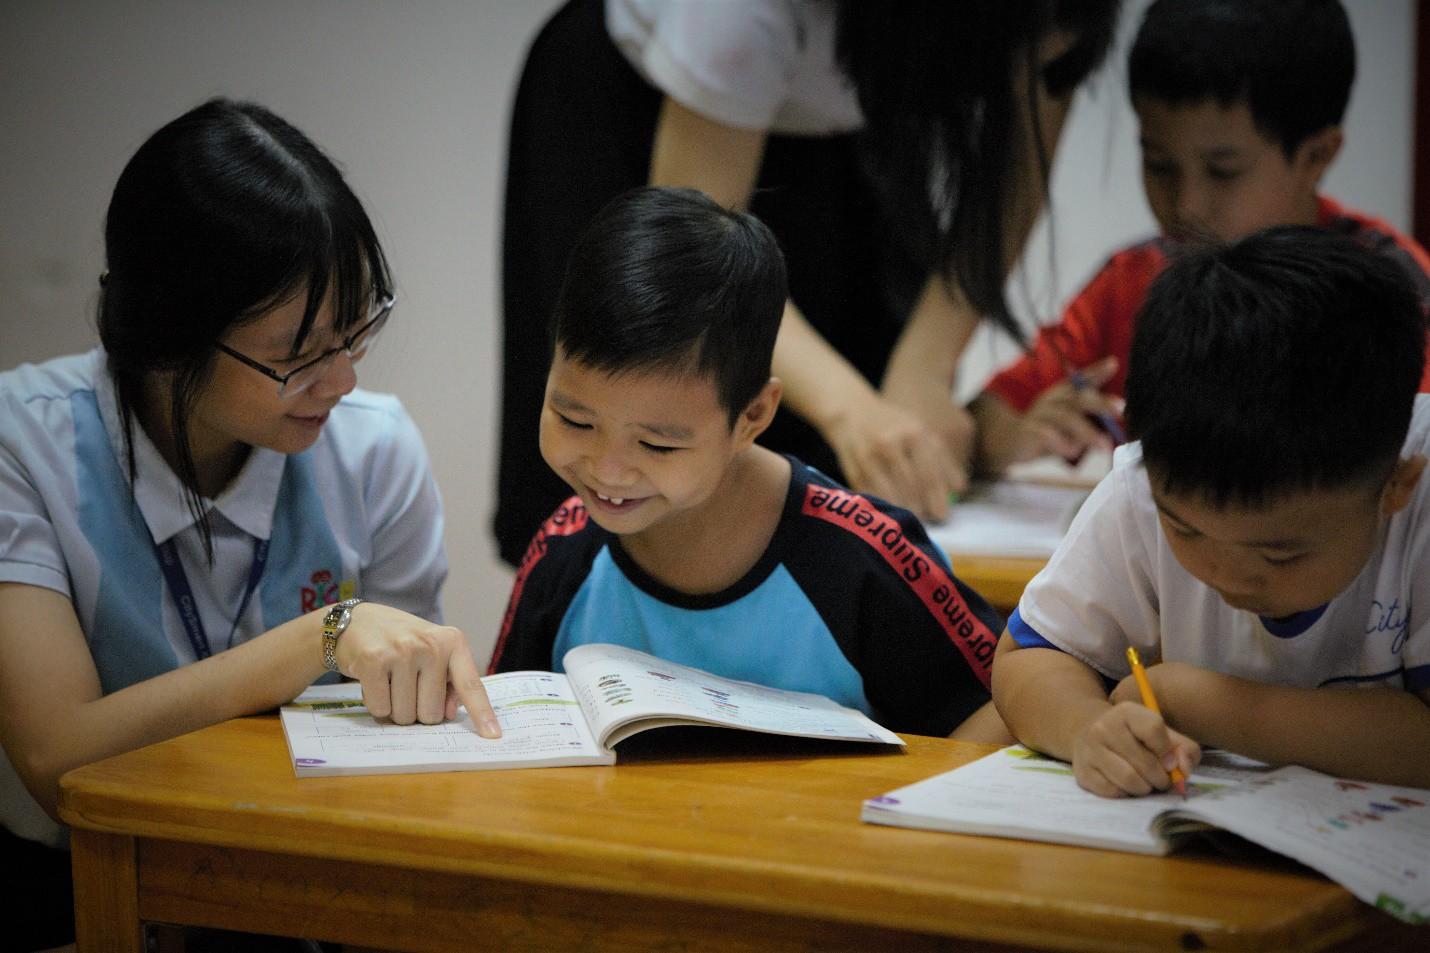 Bản chất của giáo dục sớm là gì? - Ảnh 1.